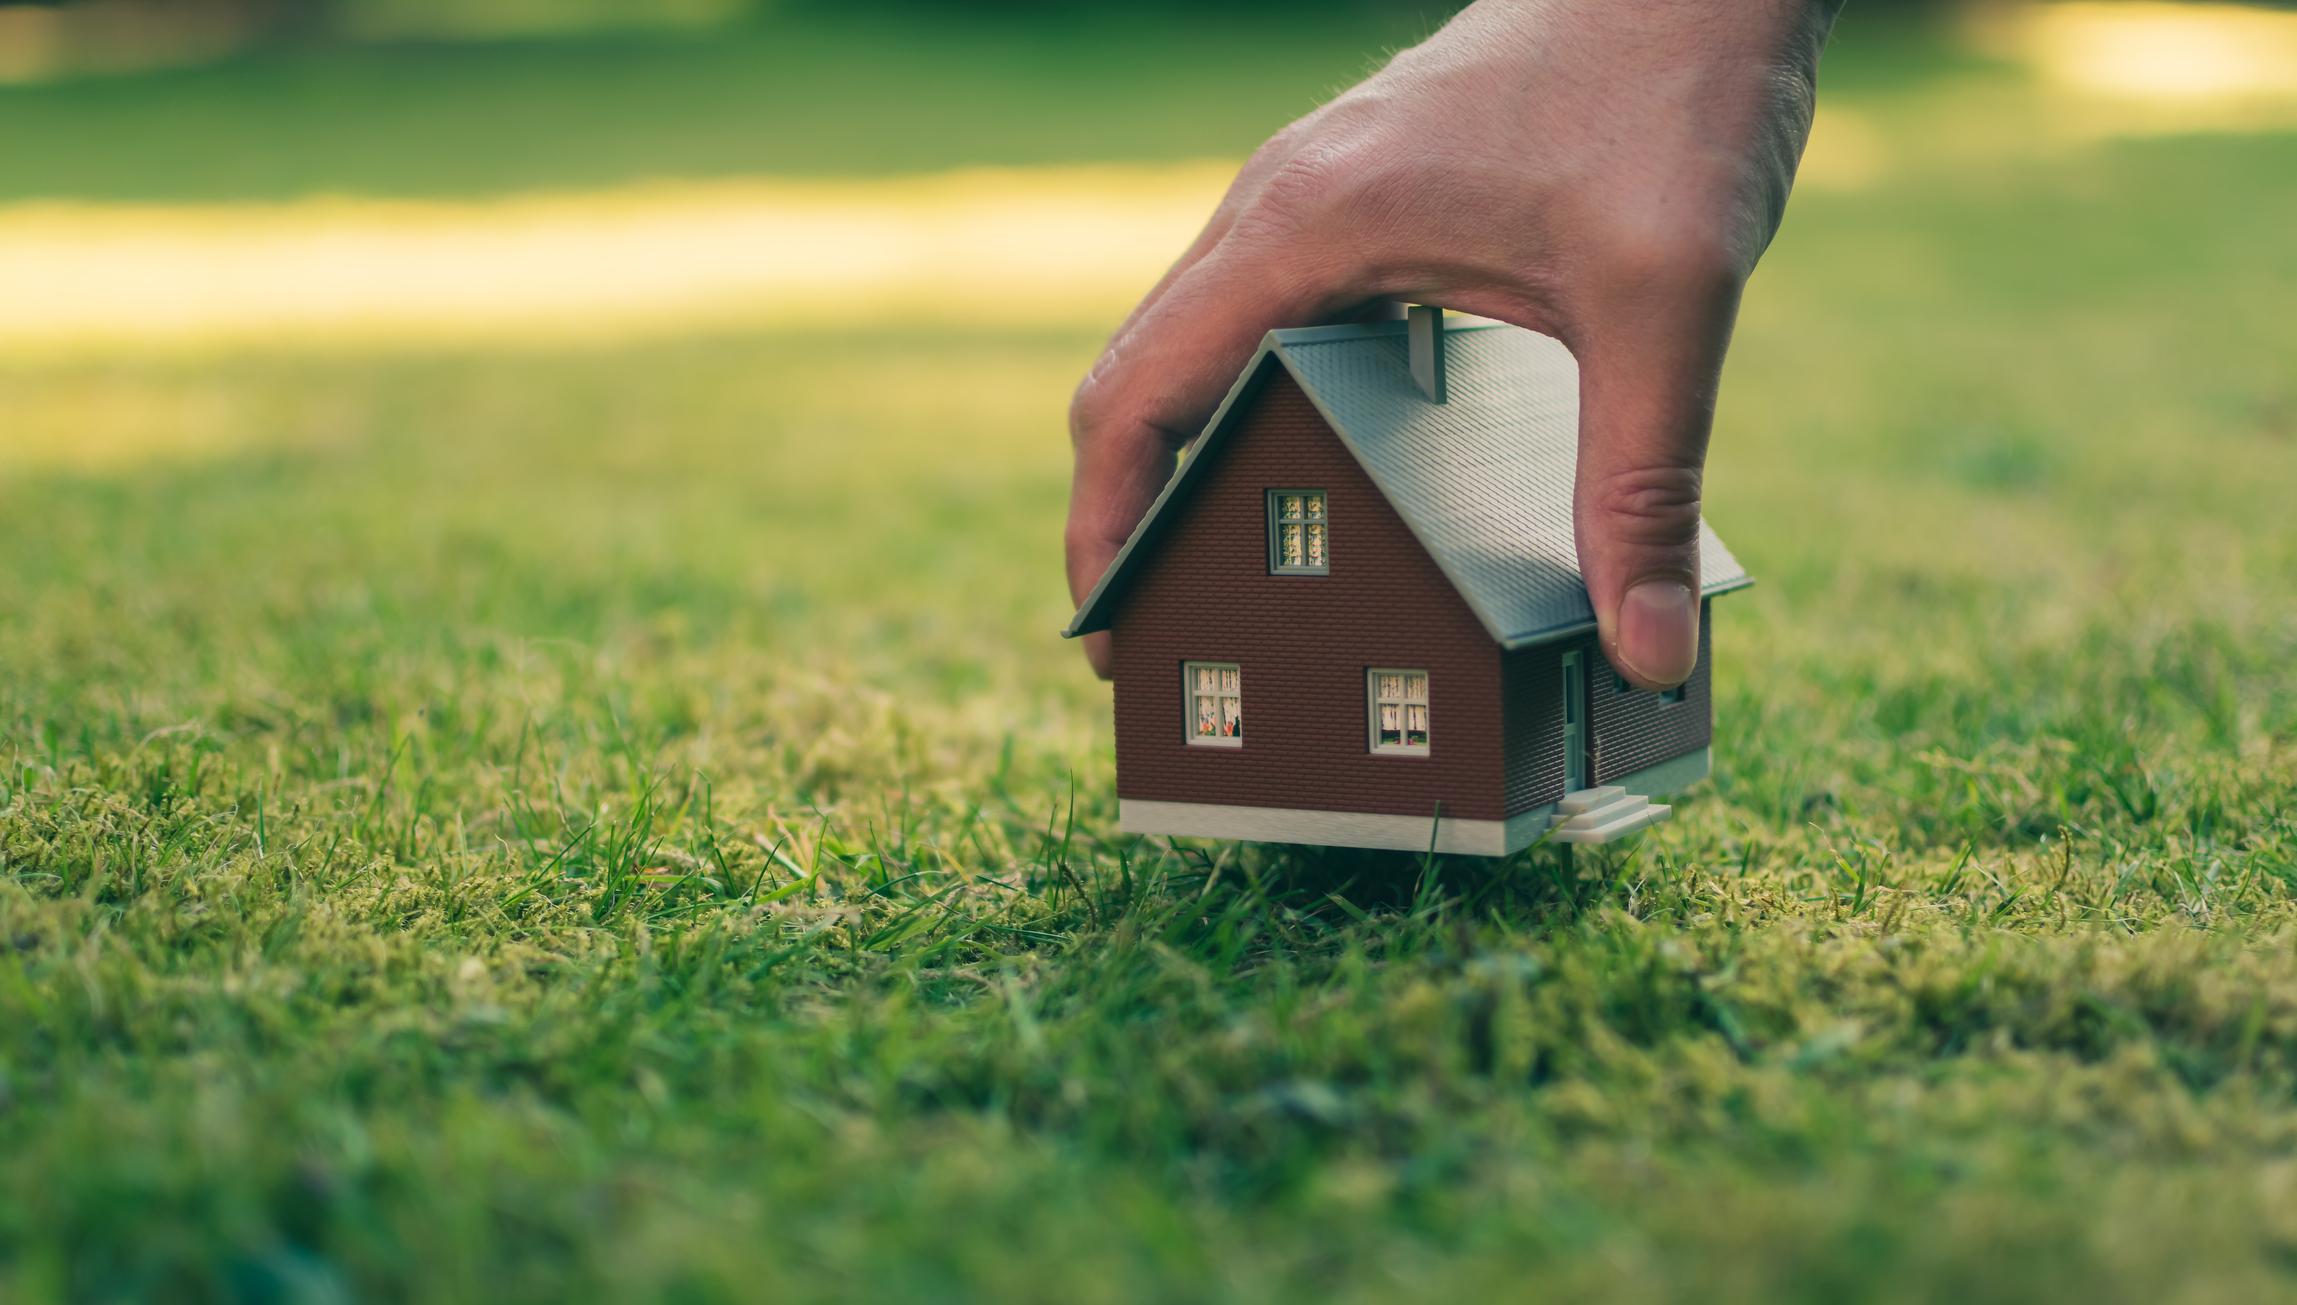 Comprar um terreno pode, sim, ser um ótimo investimento